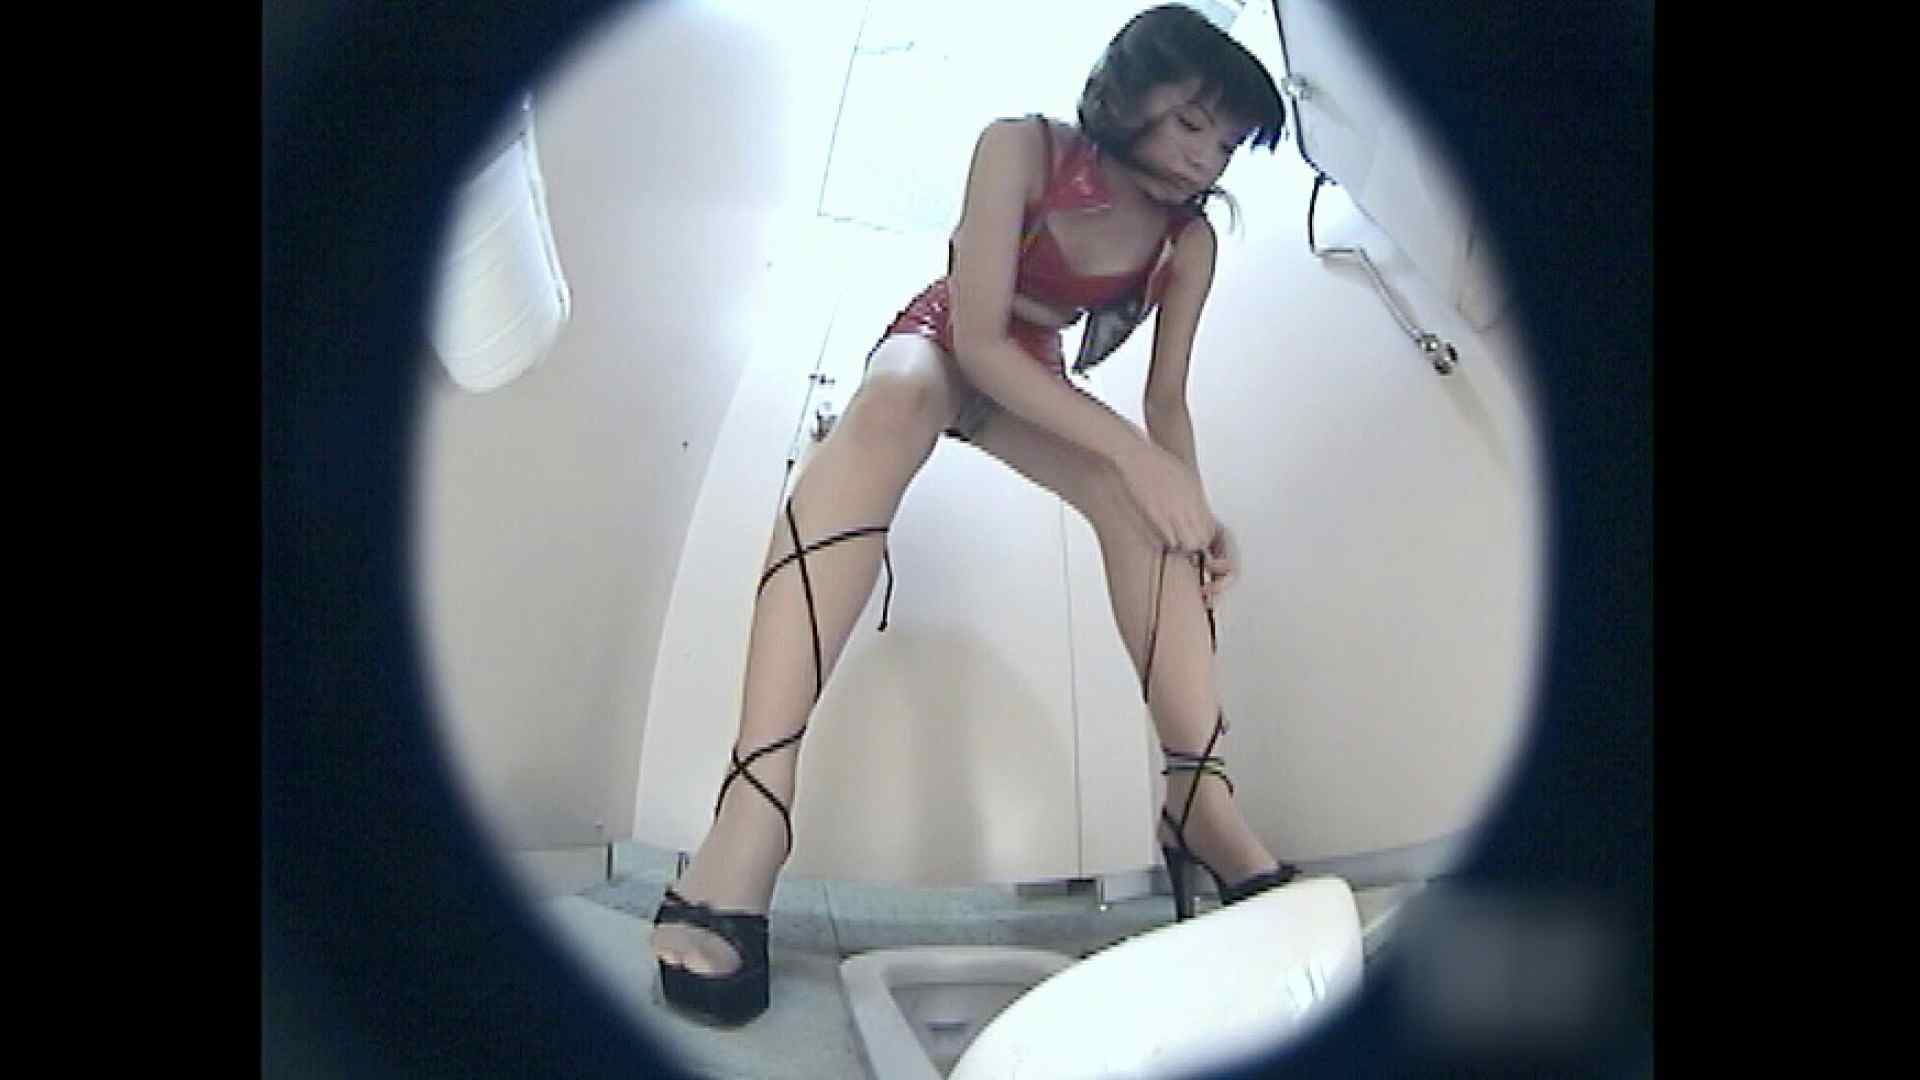 レースクィーントイレ盗撮!Vol.03 ギャルエロ画像 エロ無料画像 76PICs 48